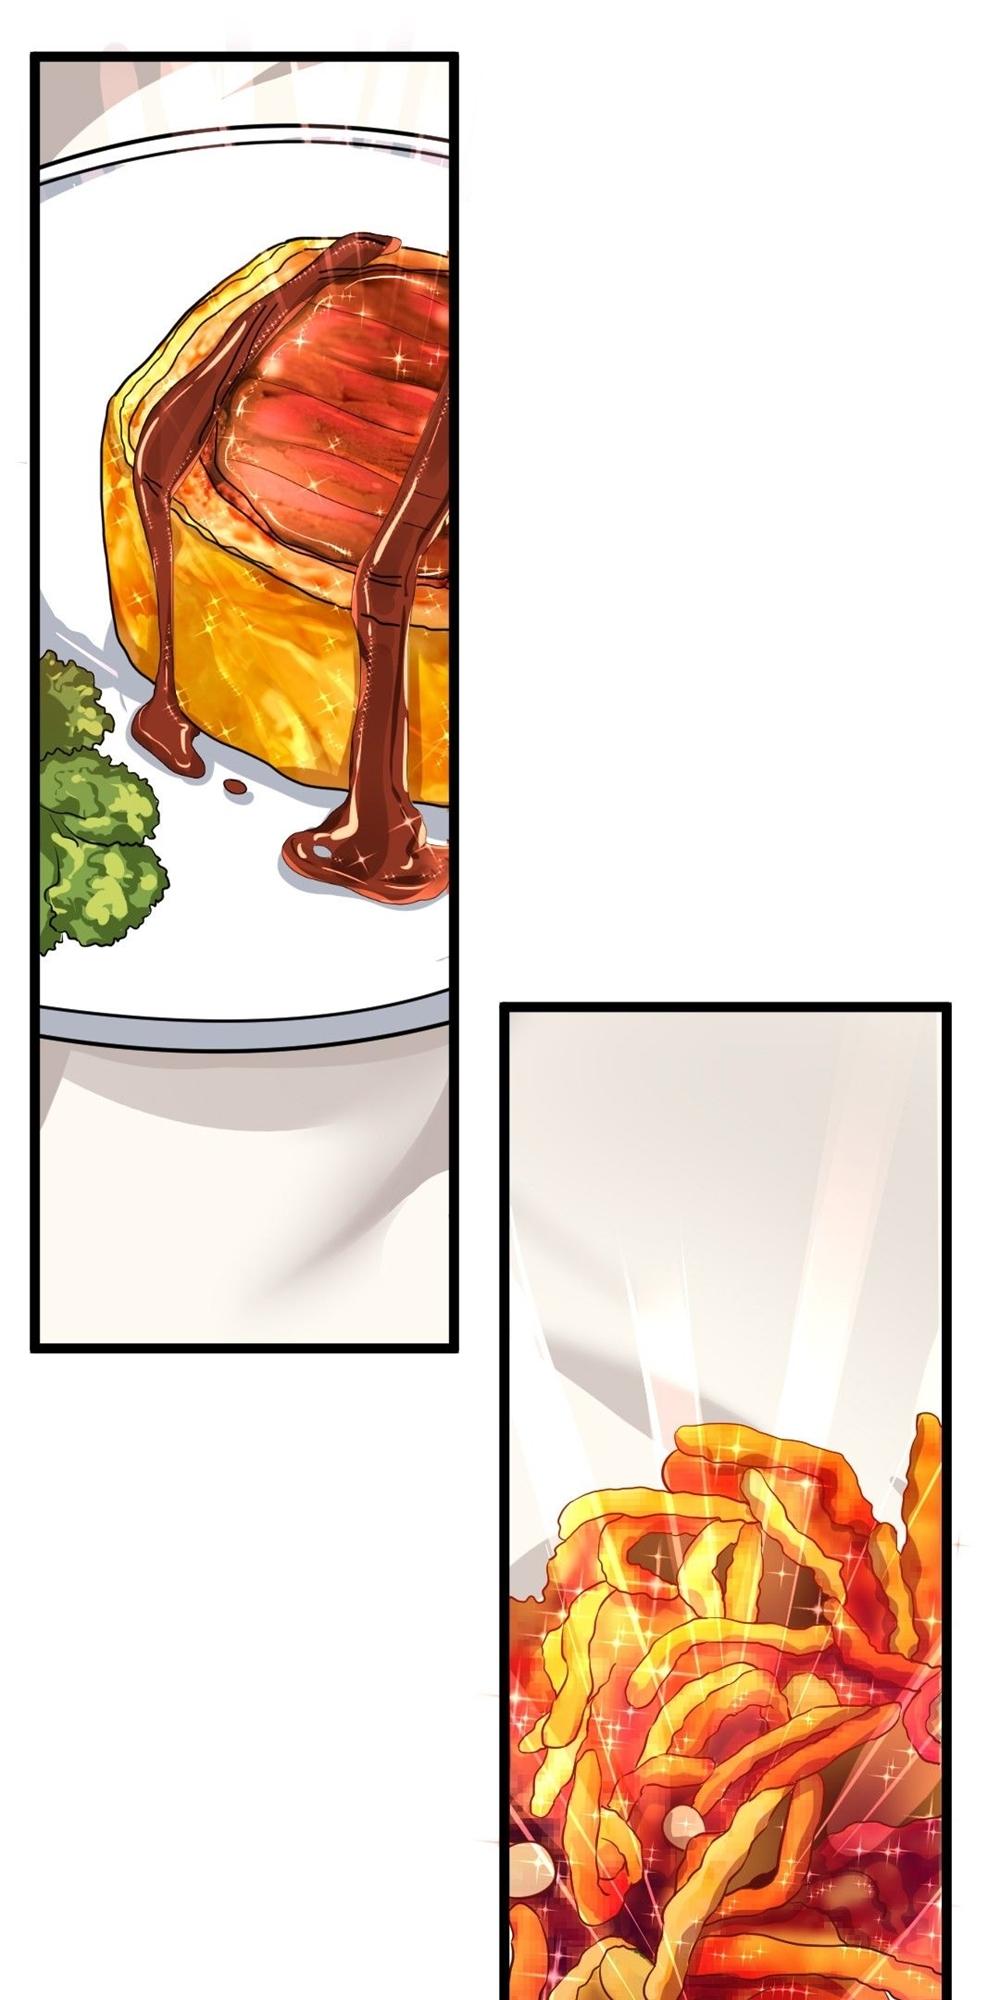 Cuộc Chiến Phía Sau Nhà Bếp chap 46 - Trang 39